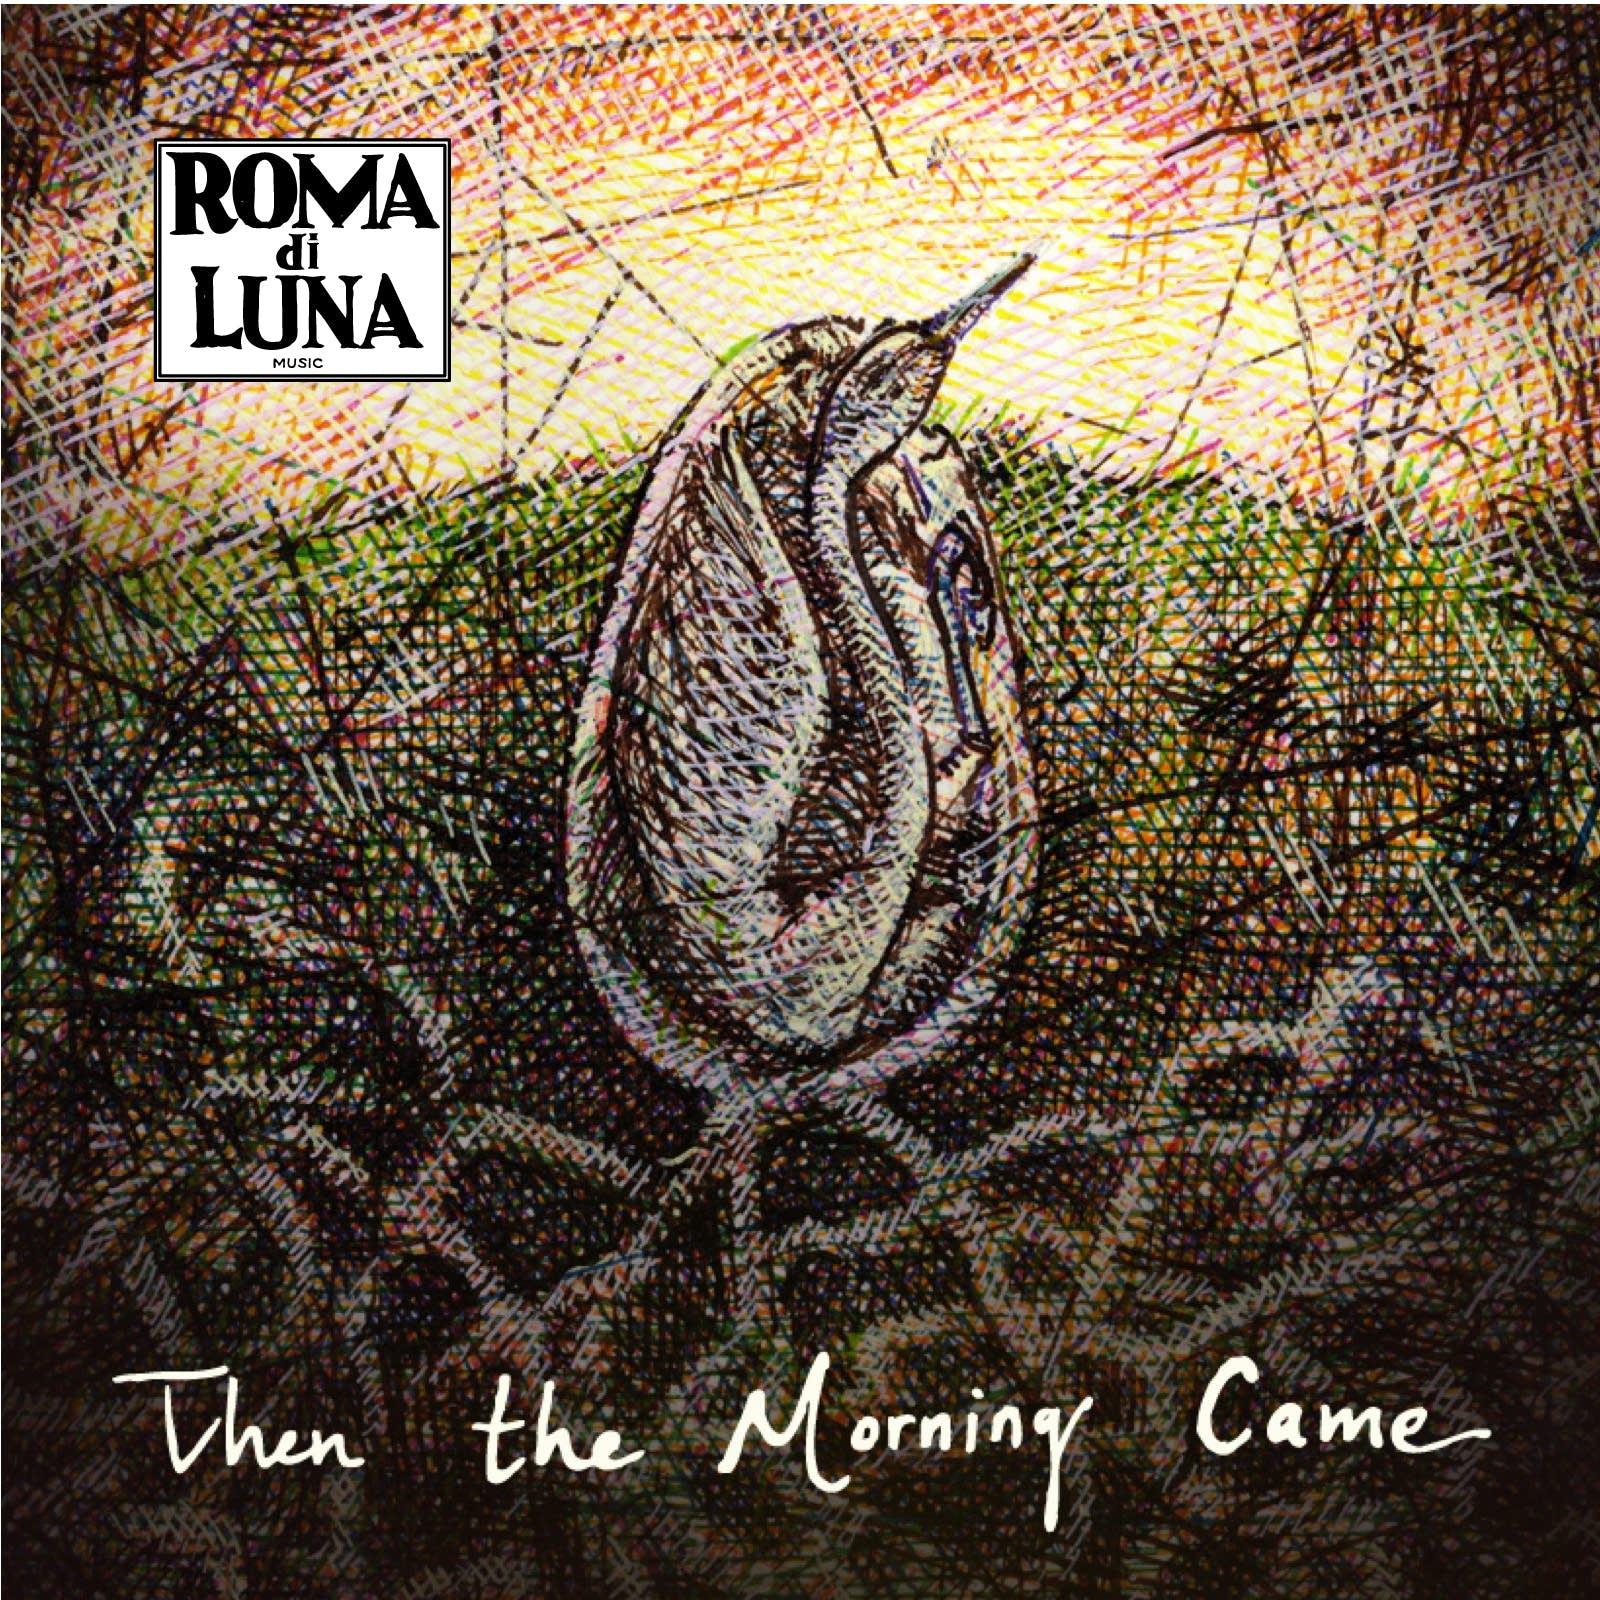 Roma di Luna - Then the Morning Came